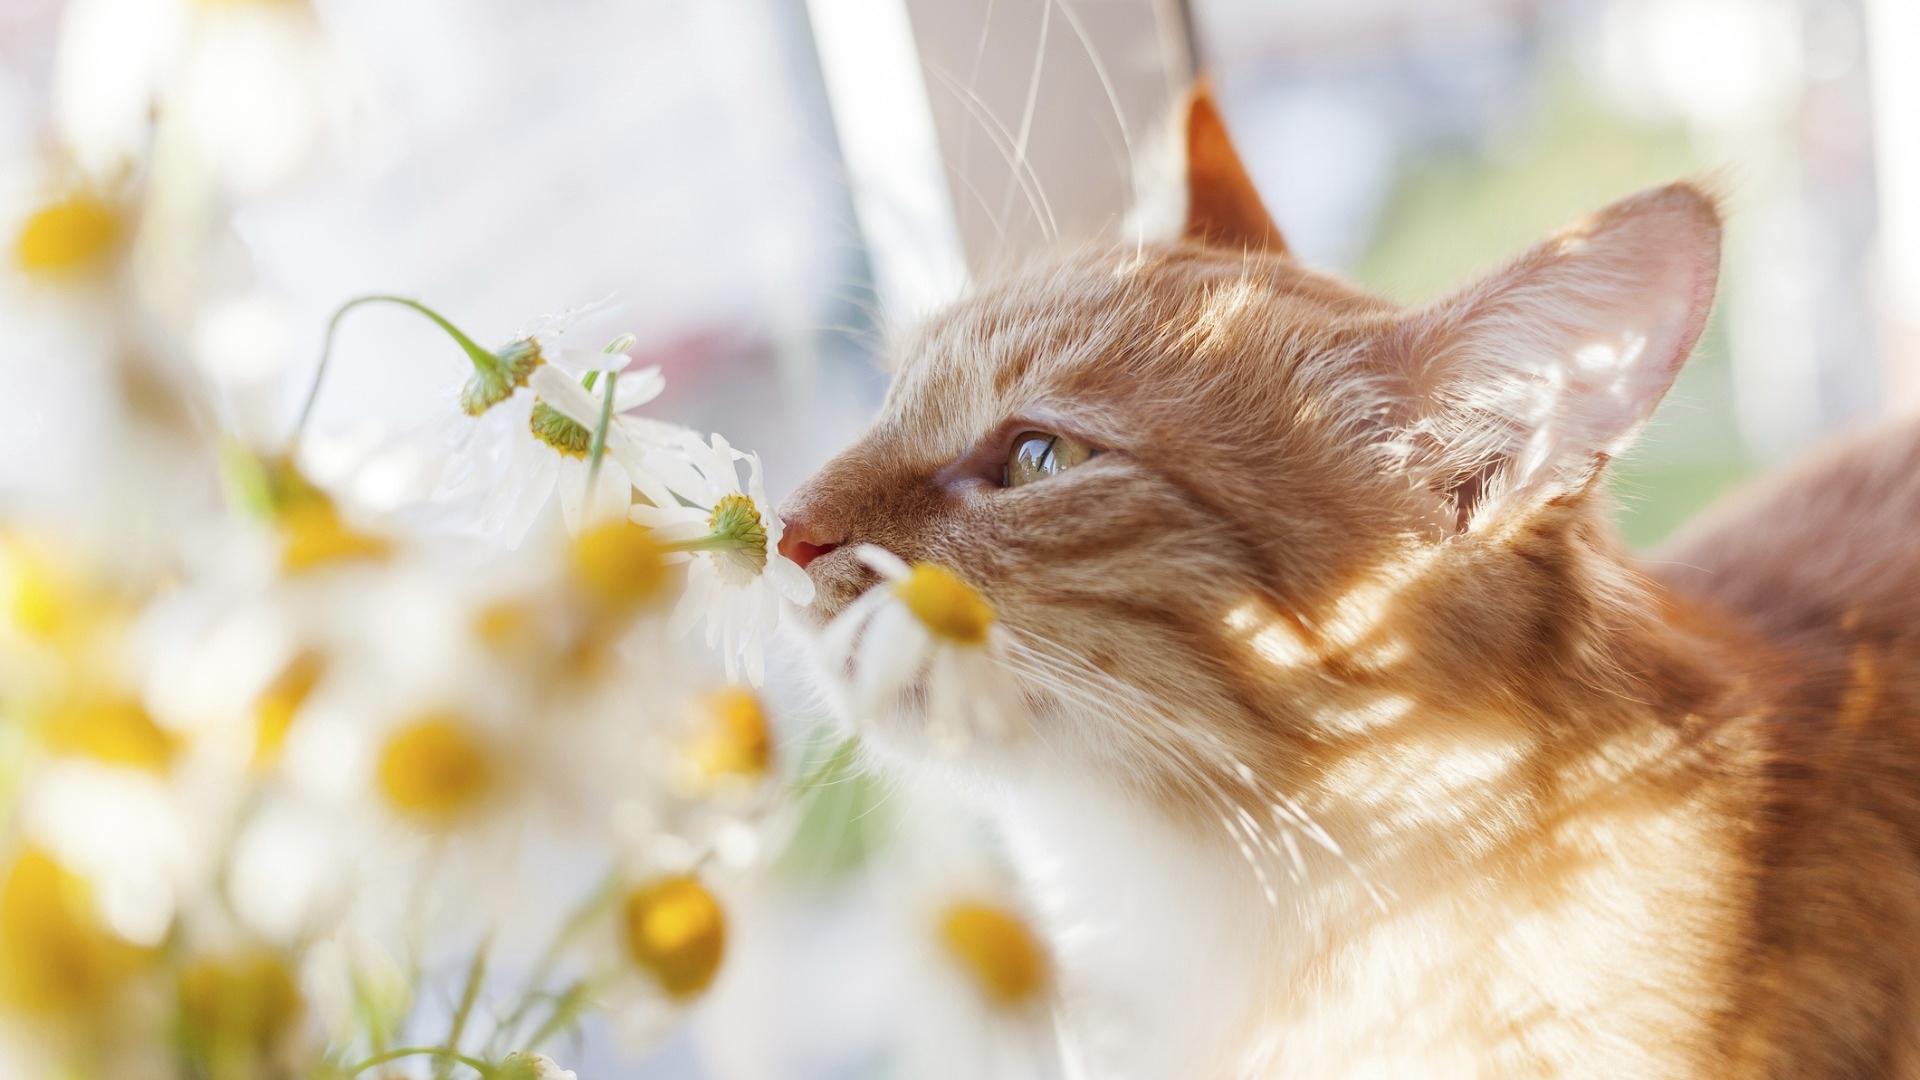 Kissan aktivointi onnistuu myös erilaisten hajujen avulla, koska kissalla on tarkka hajuaisti.